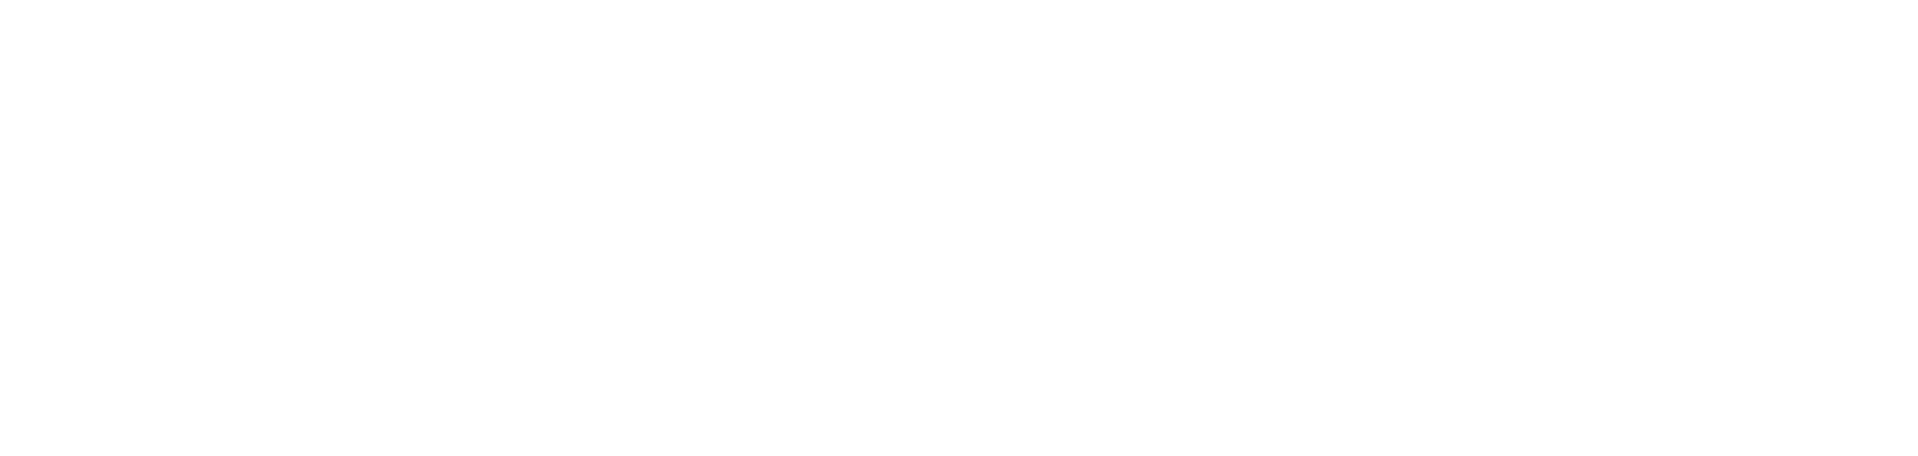 Xcelerate